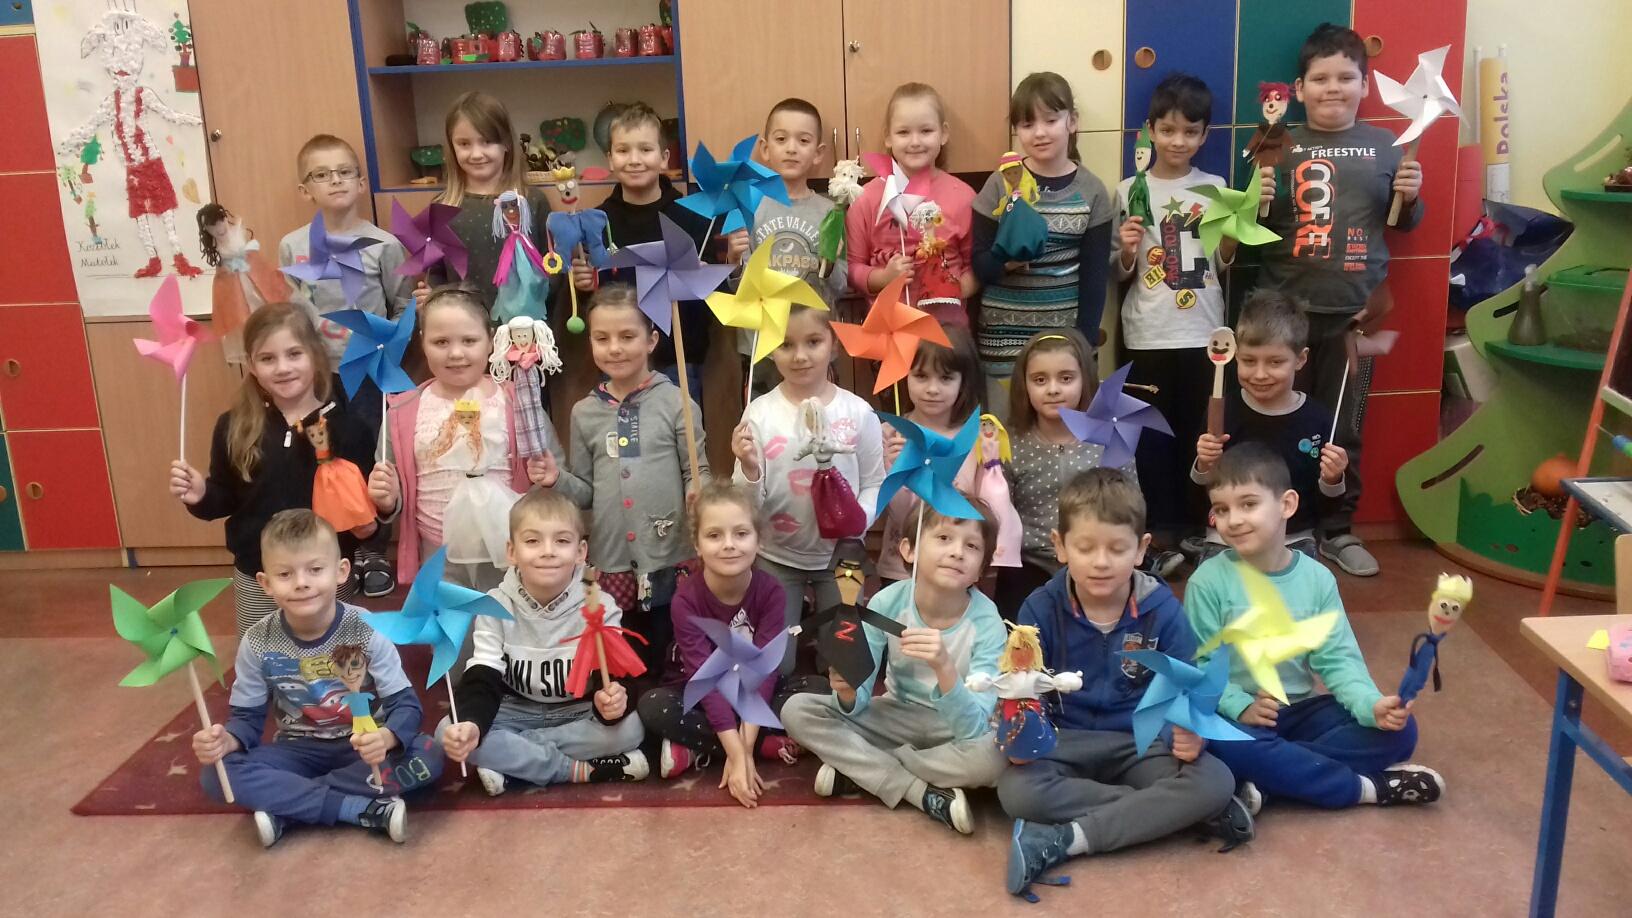 Klasa 1 a ze Szkoły Podstawowej nr 2 w Piastowie